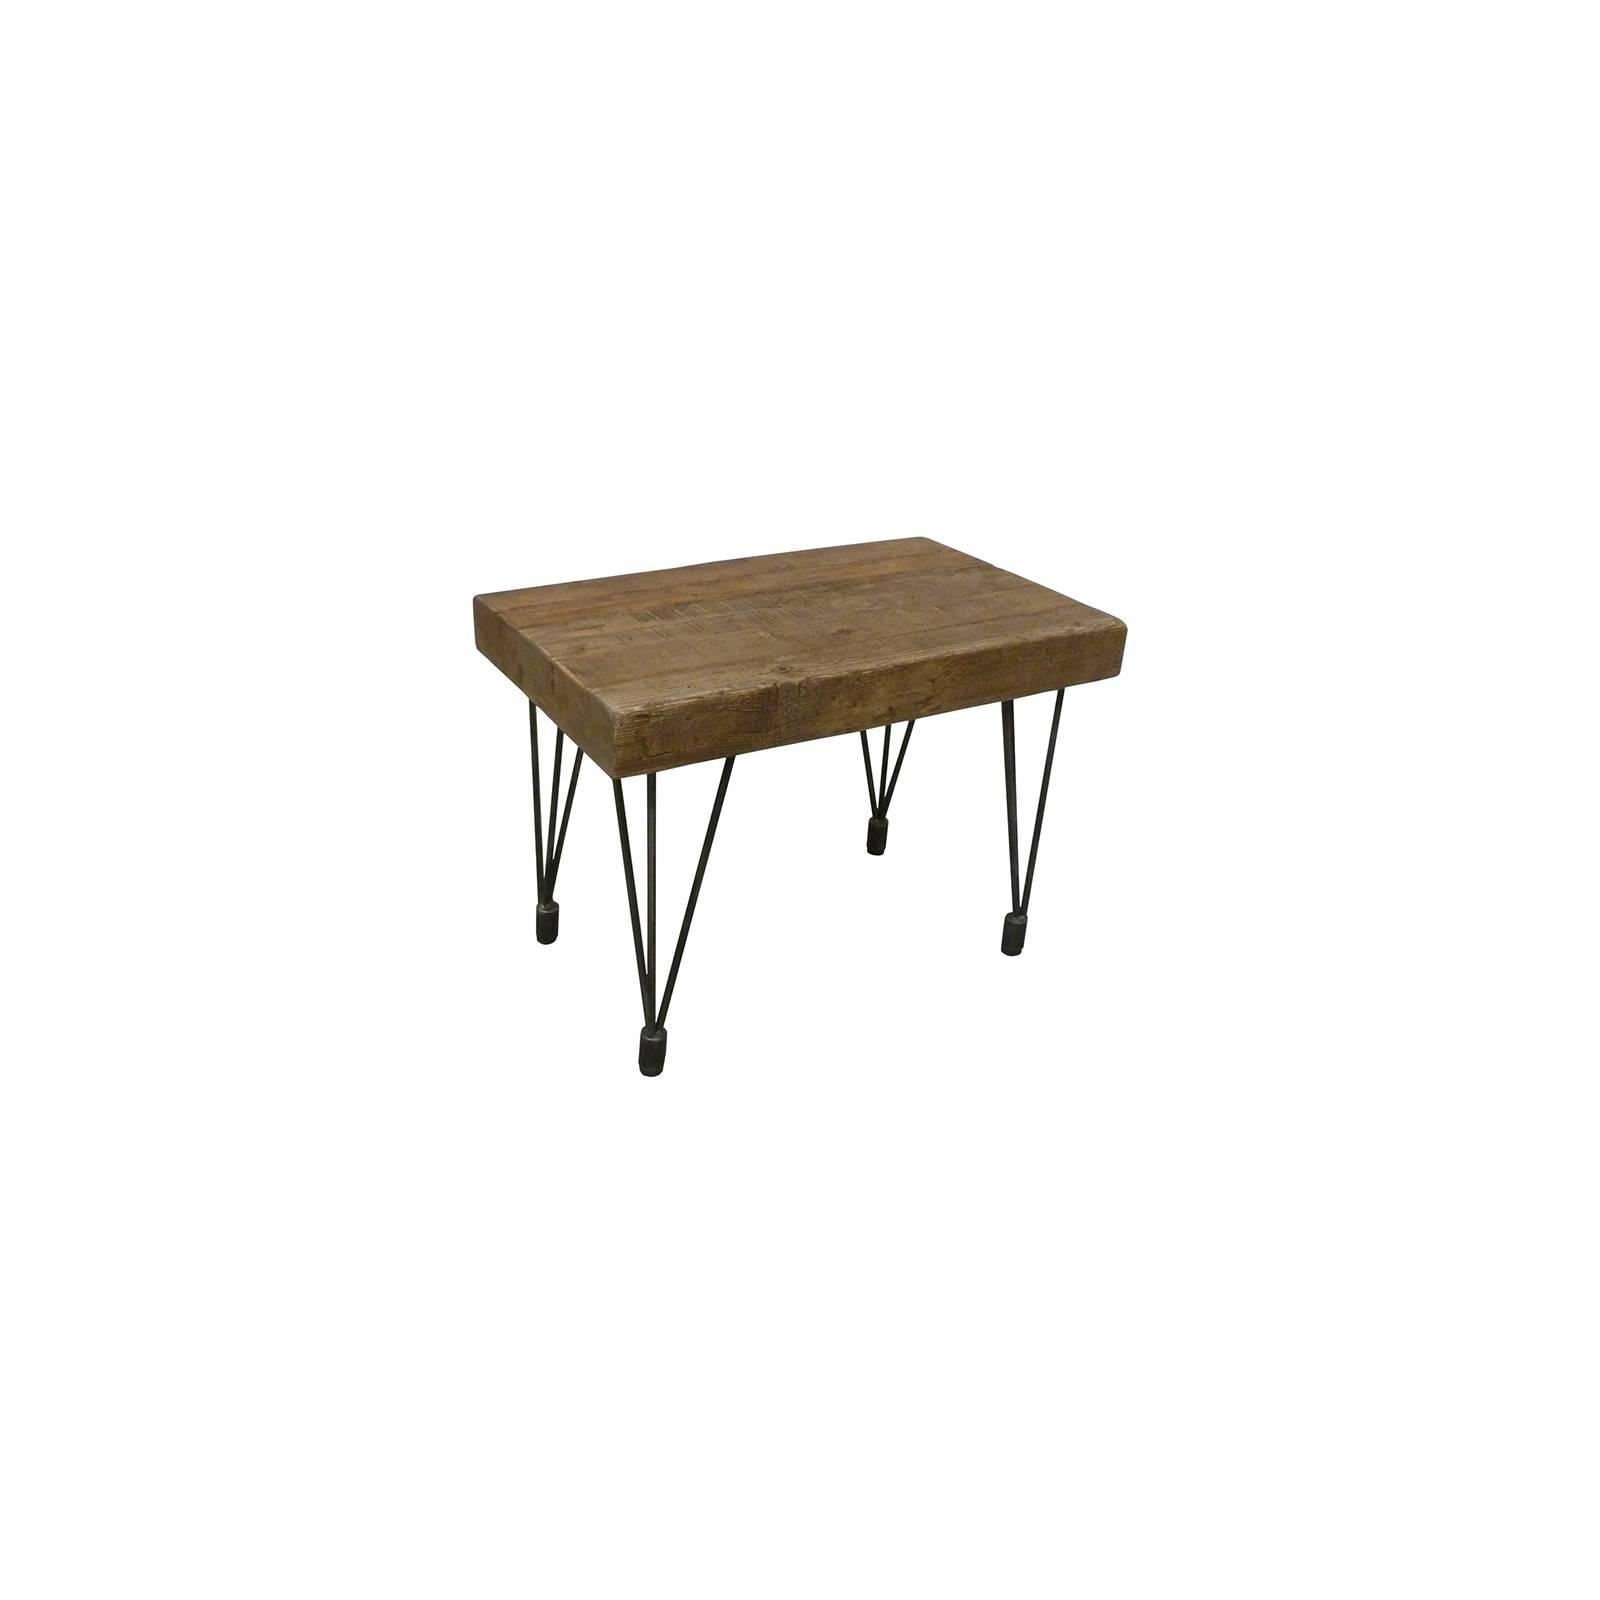 Bout De Canapé Rectangulaire Victor Pin - meuble style rétro